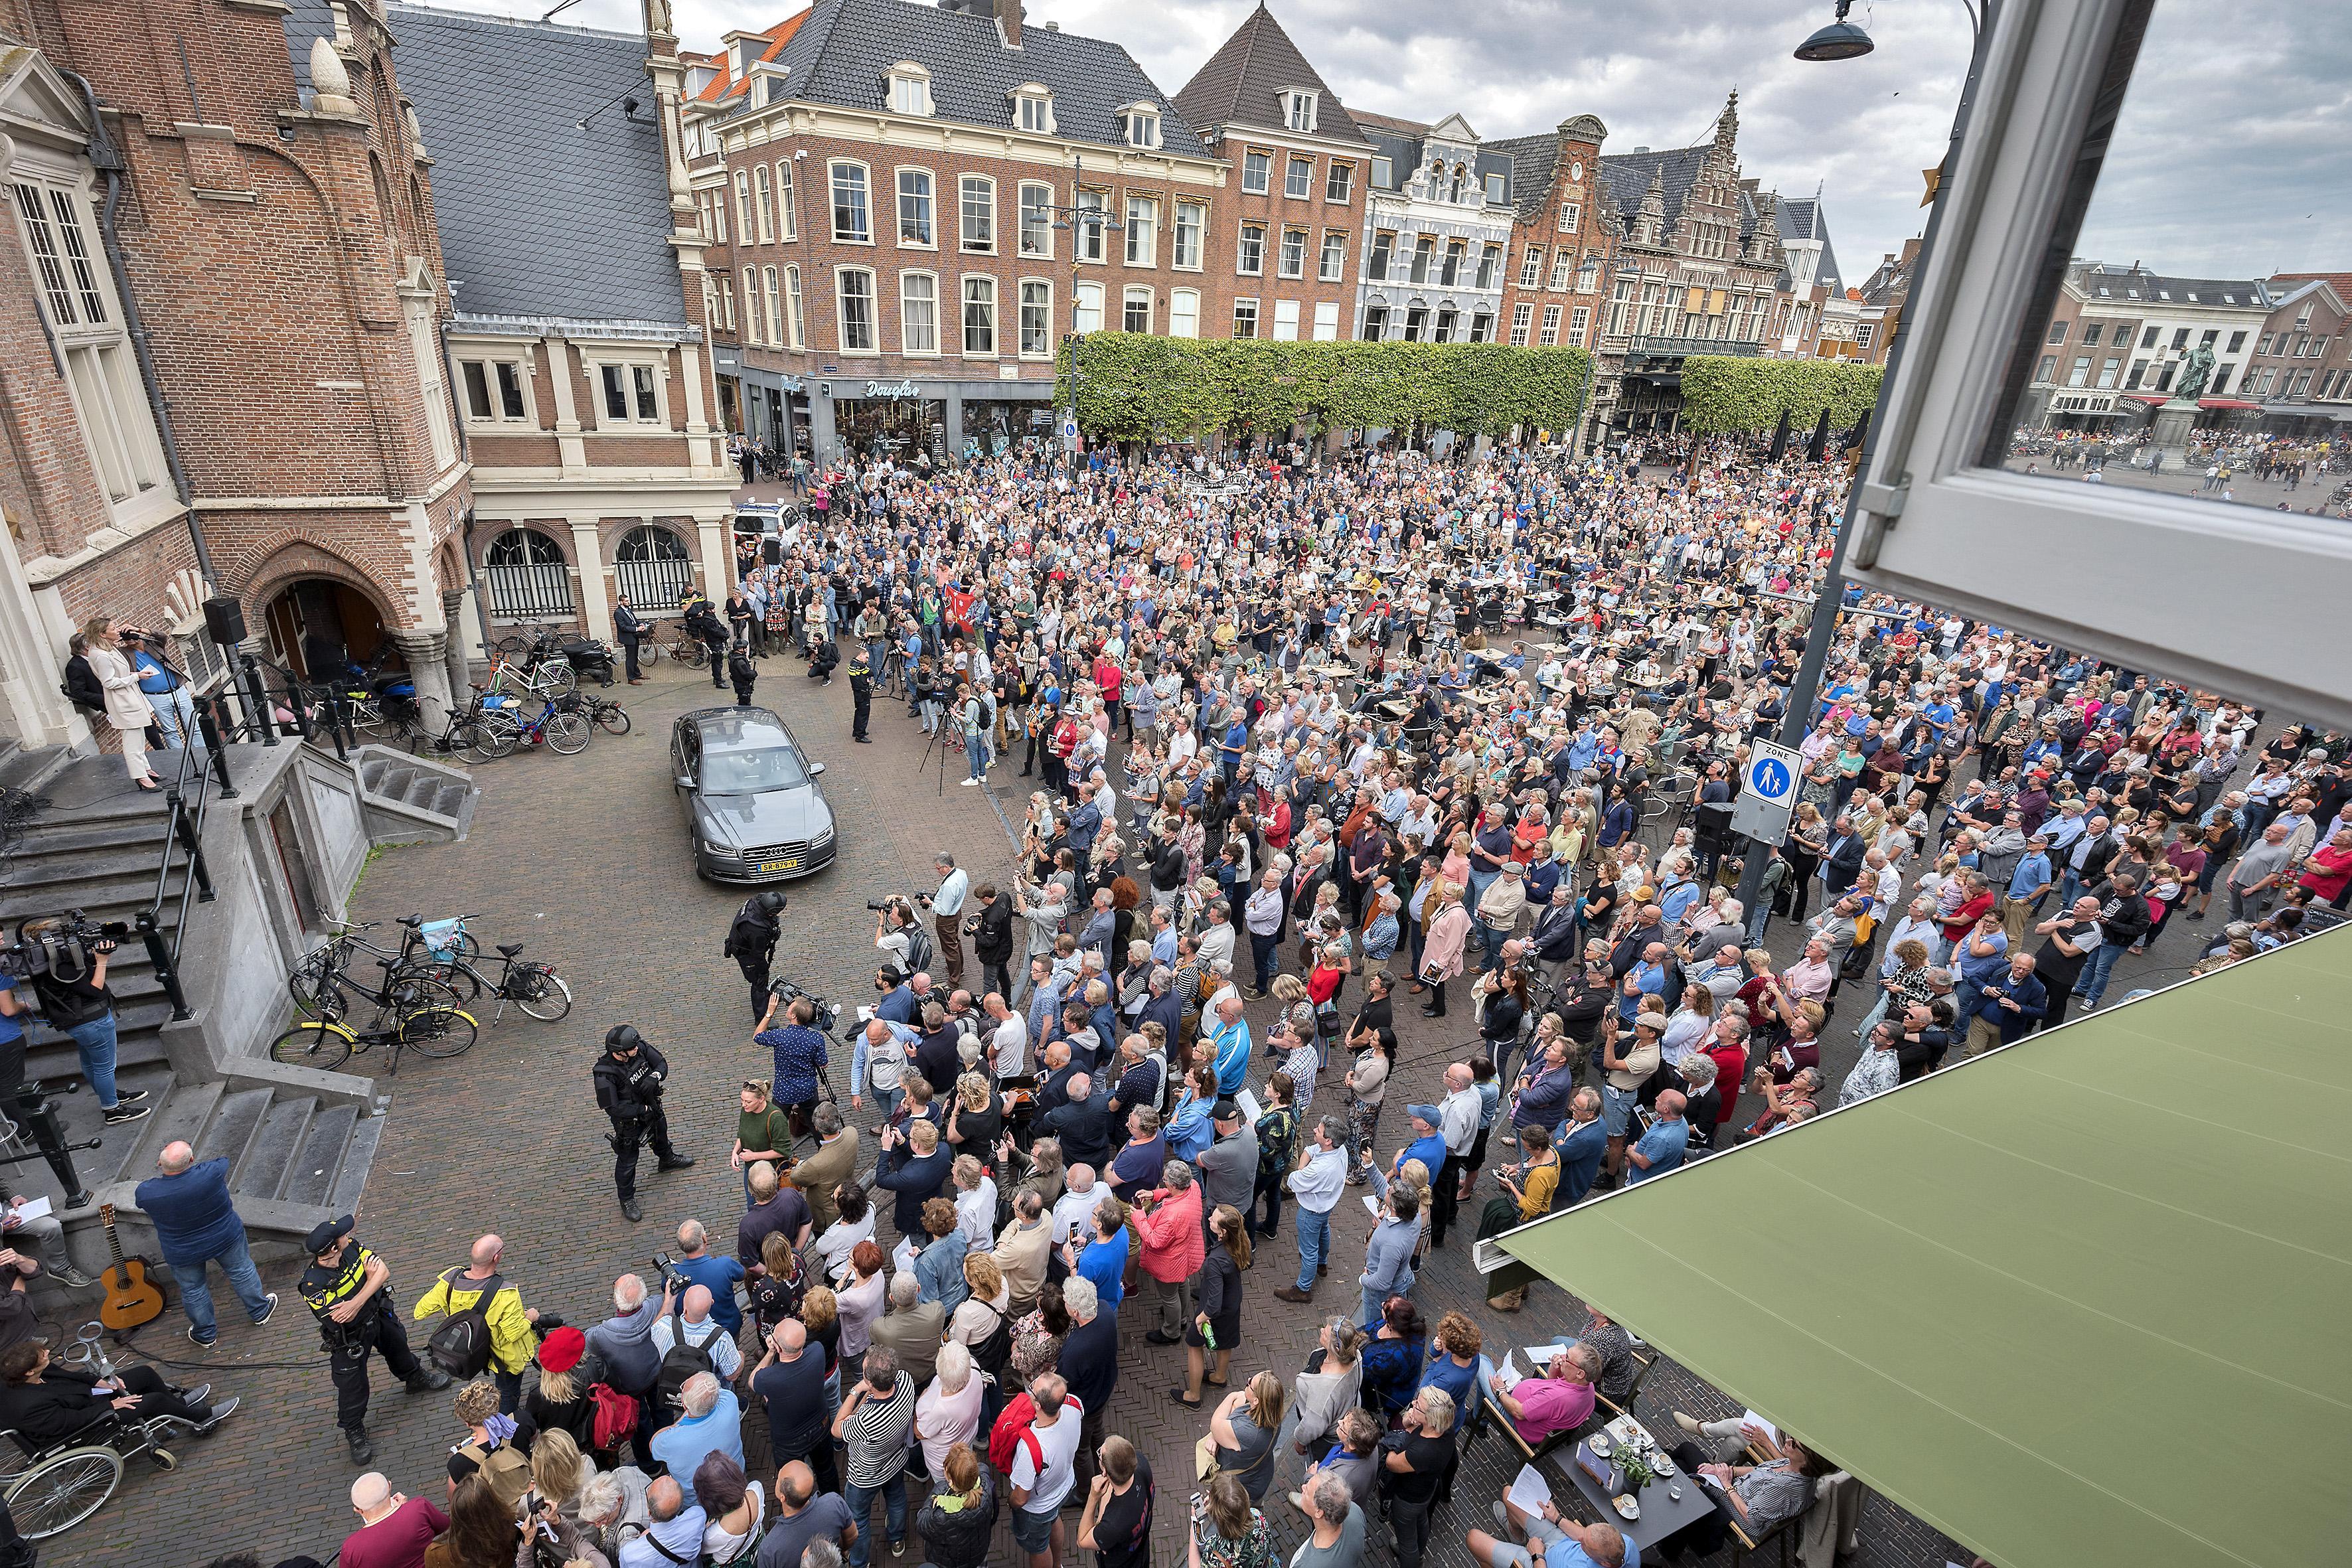 Politie zoekt video's van steunbetuiging voor burgemeester Haarlem